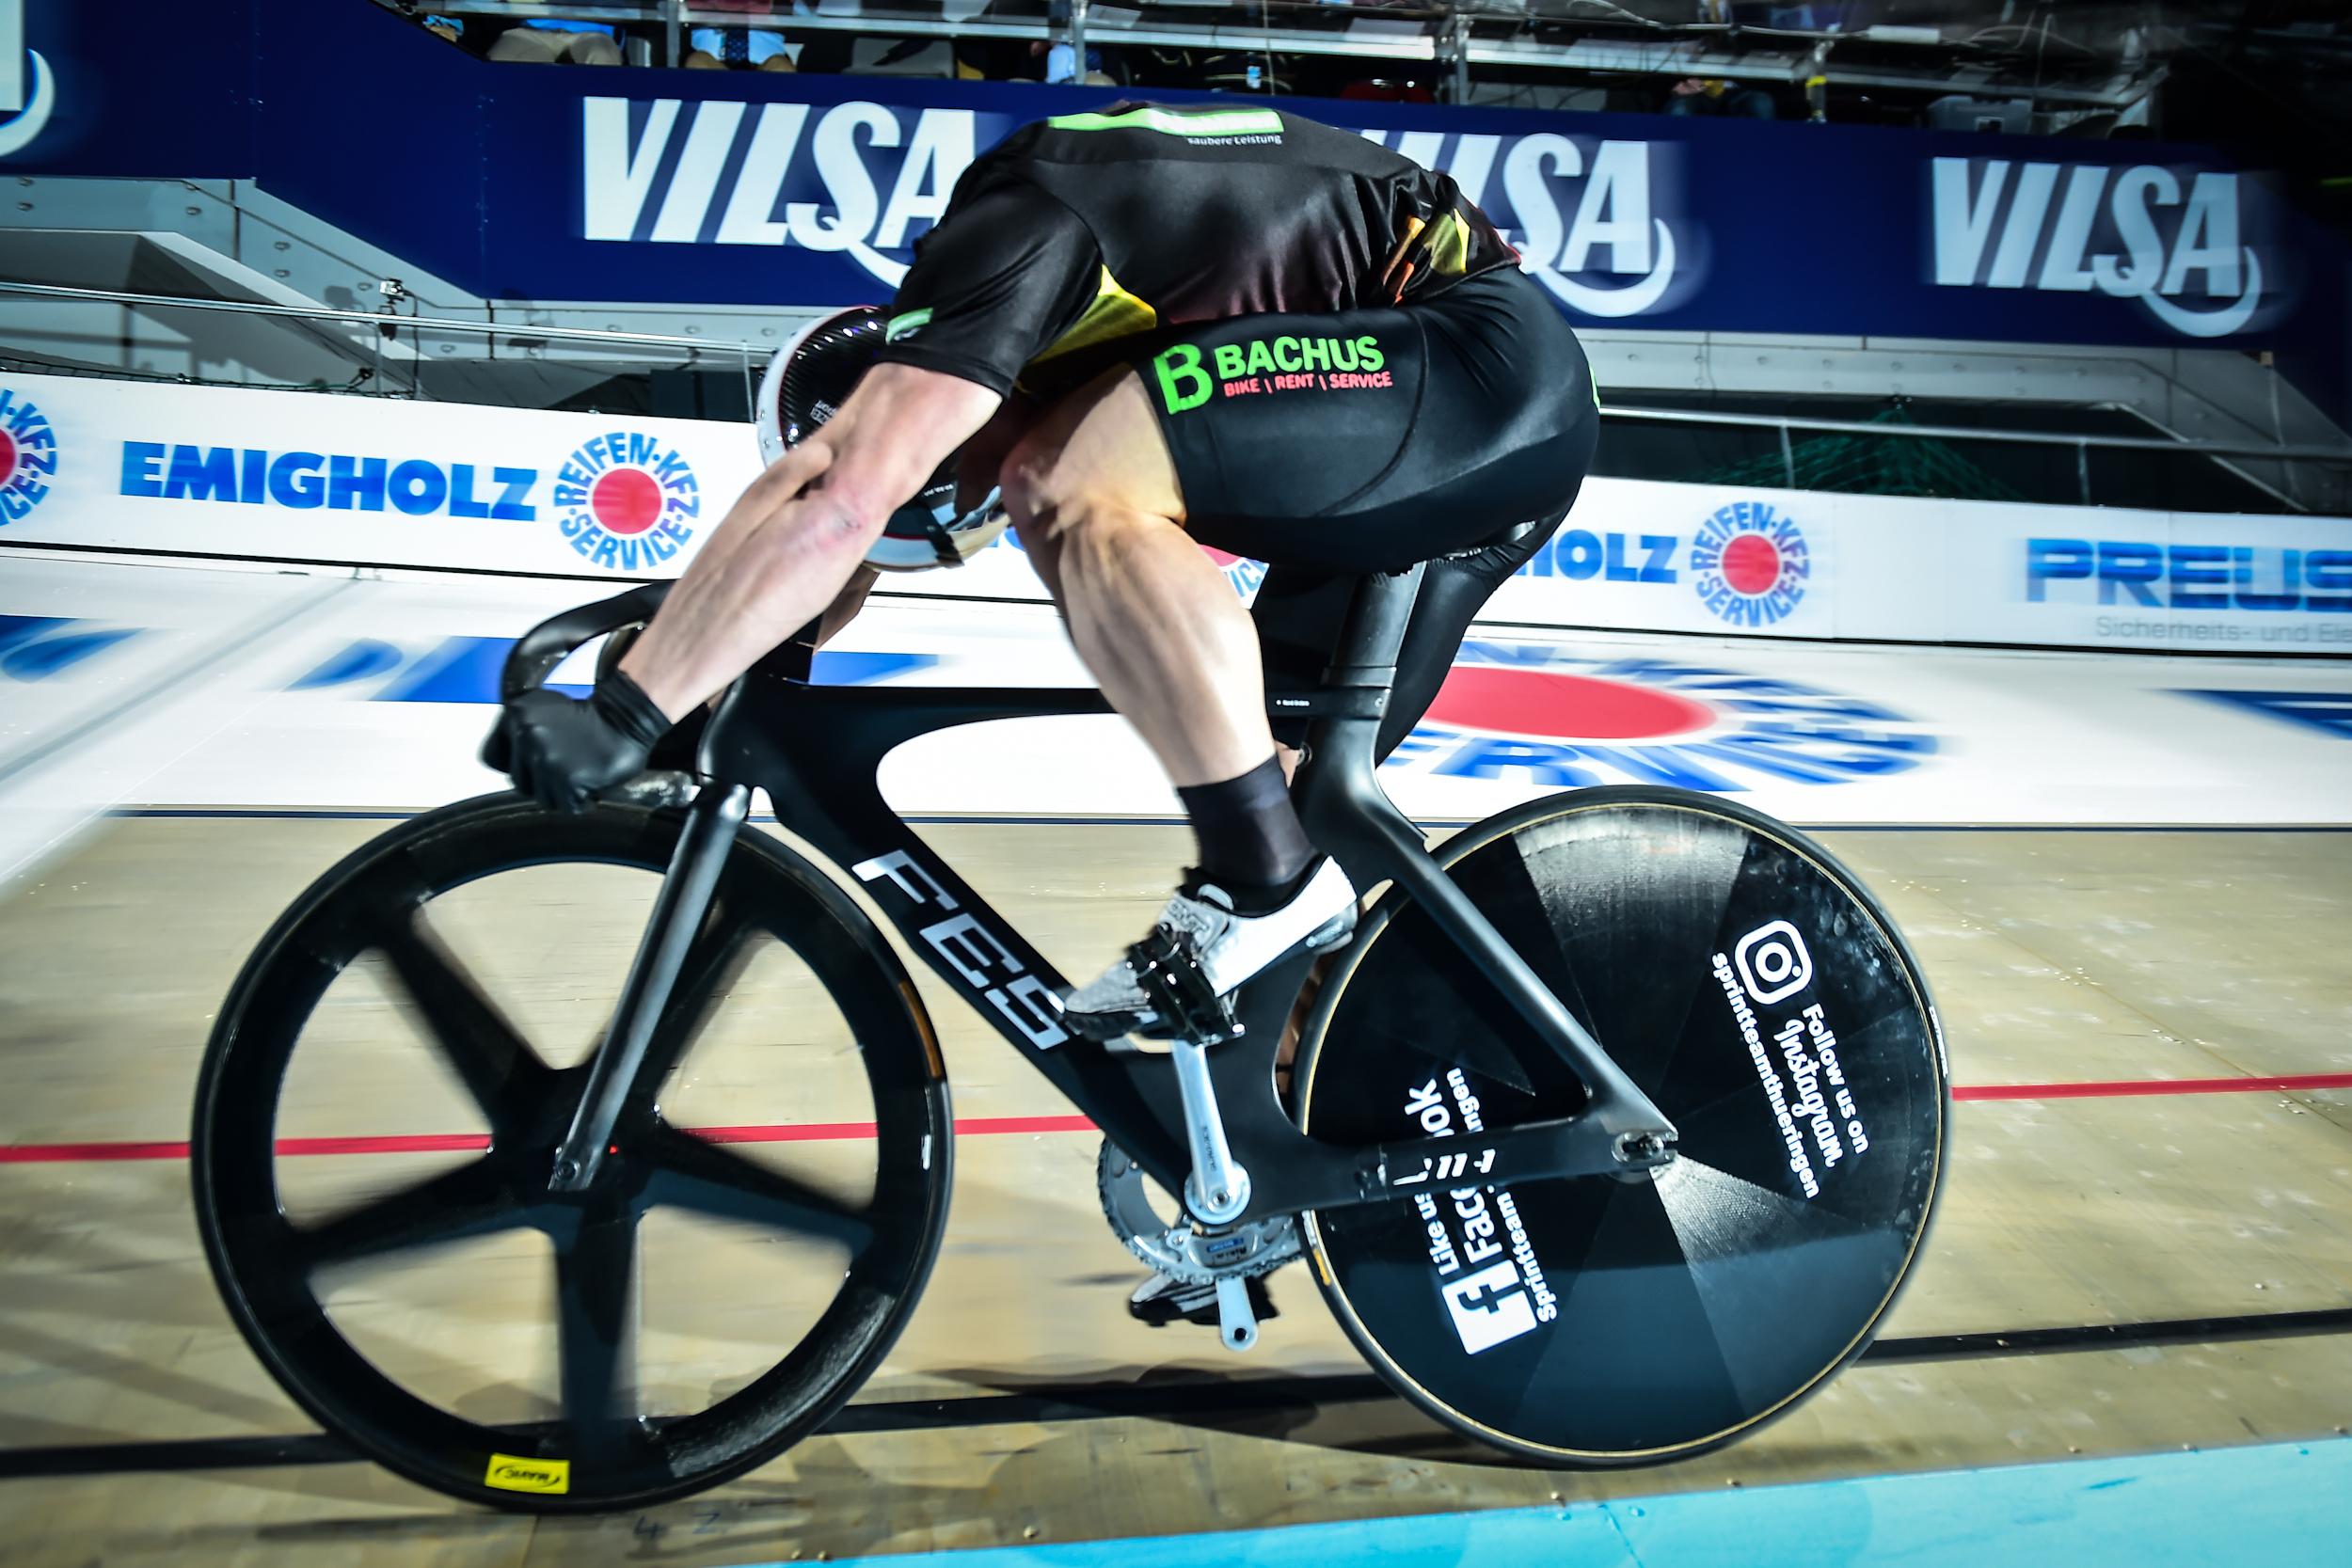 René Enders sichert sich den Gesamtsieg im Sprinterwettbewerb